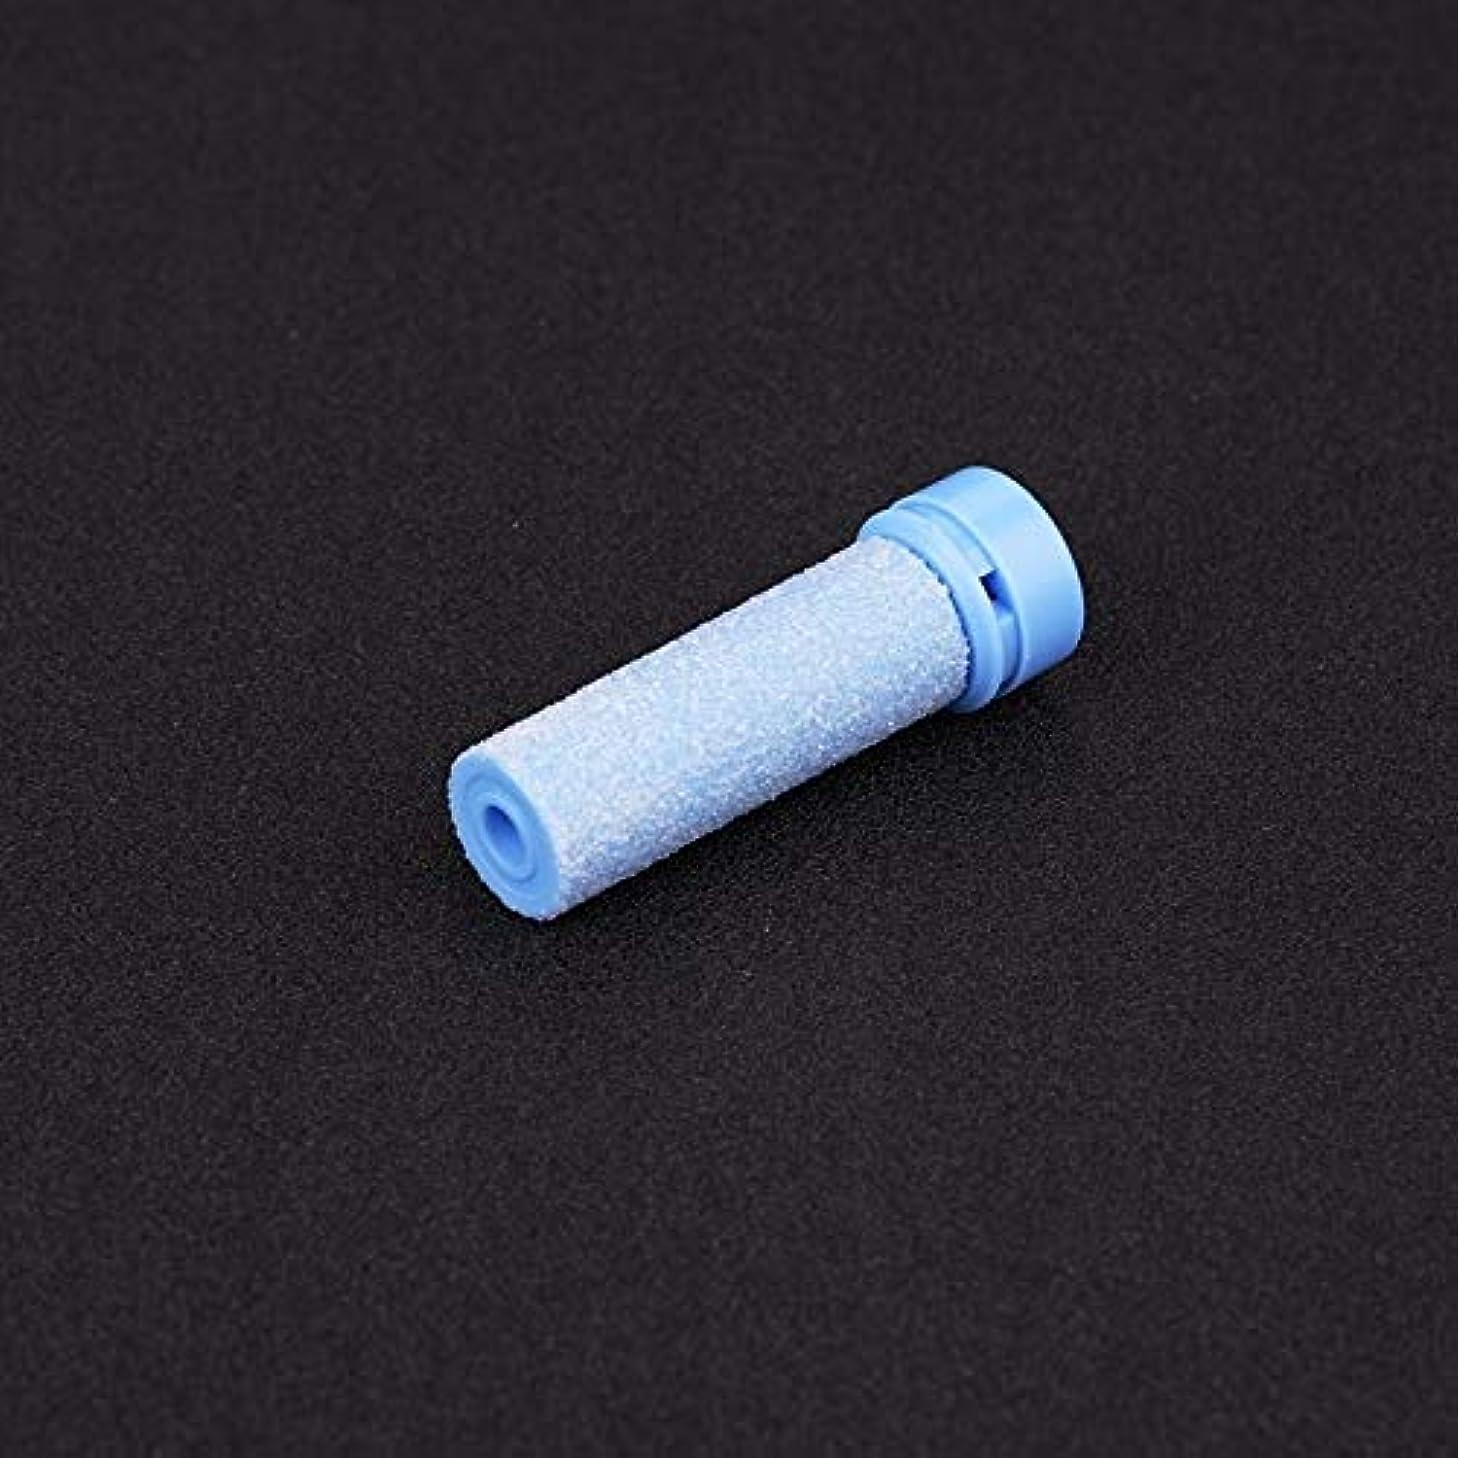 泣き叫ぶ形状親CELINEZL CELINEZL交換用研磨ローラーペディキュアフットケアカルスリムーバーヘッドフットファイルローラースキンリムーバーアクセサリー